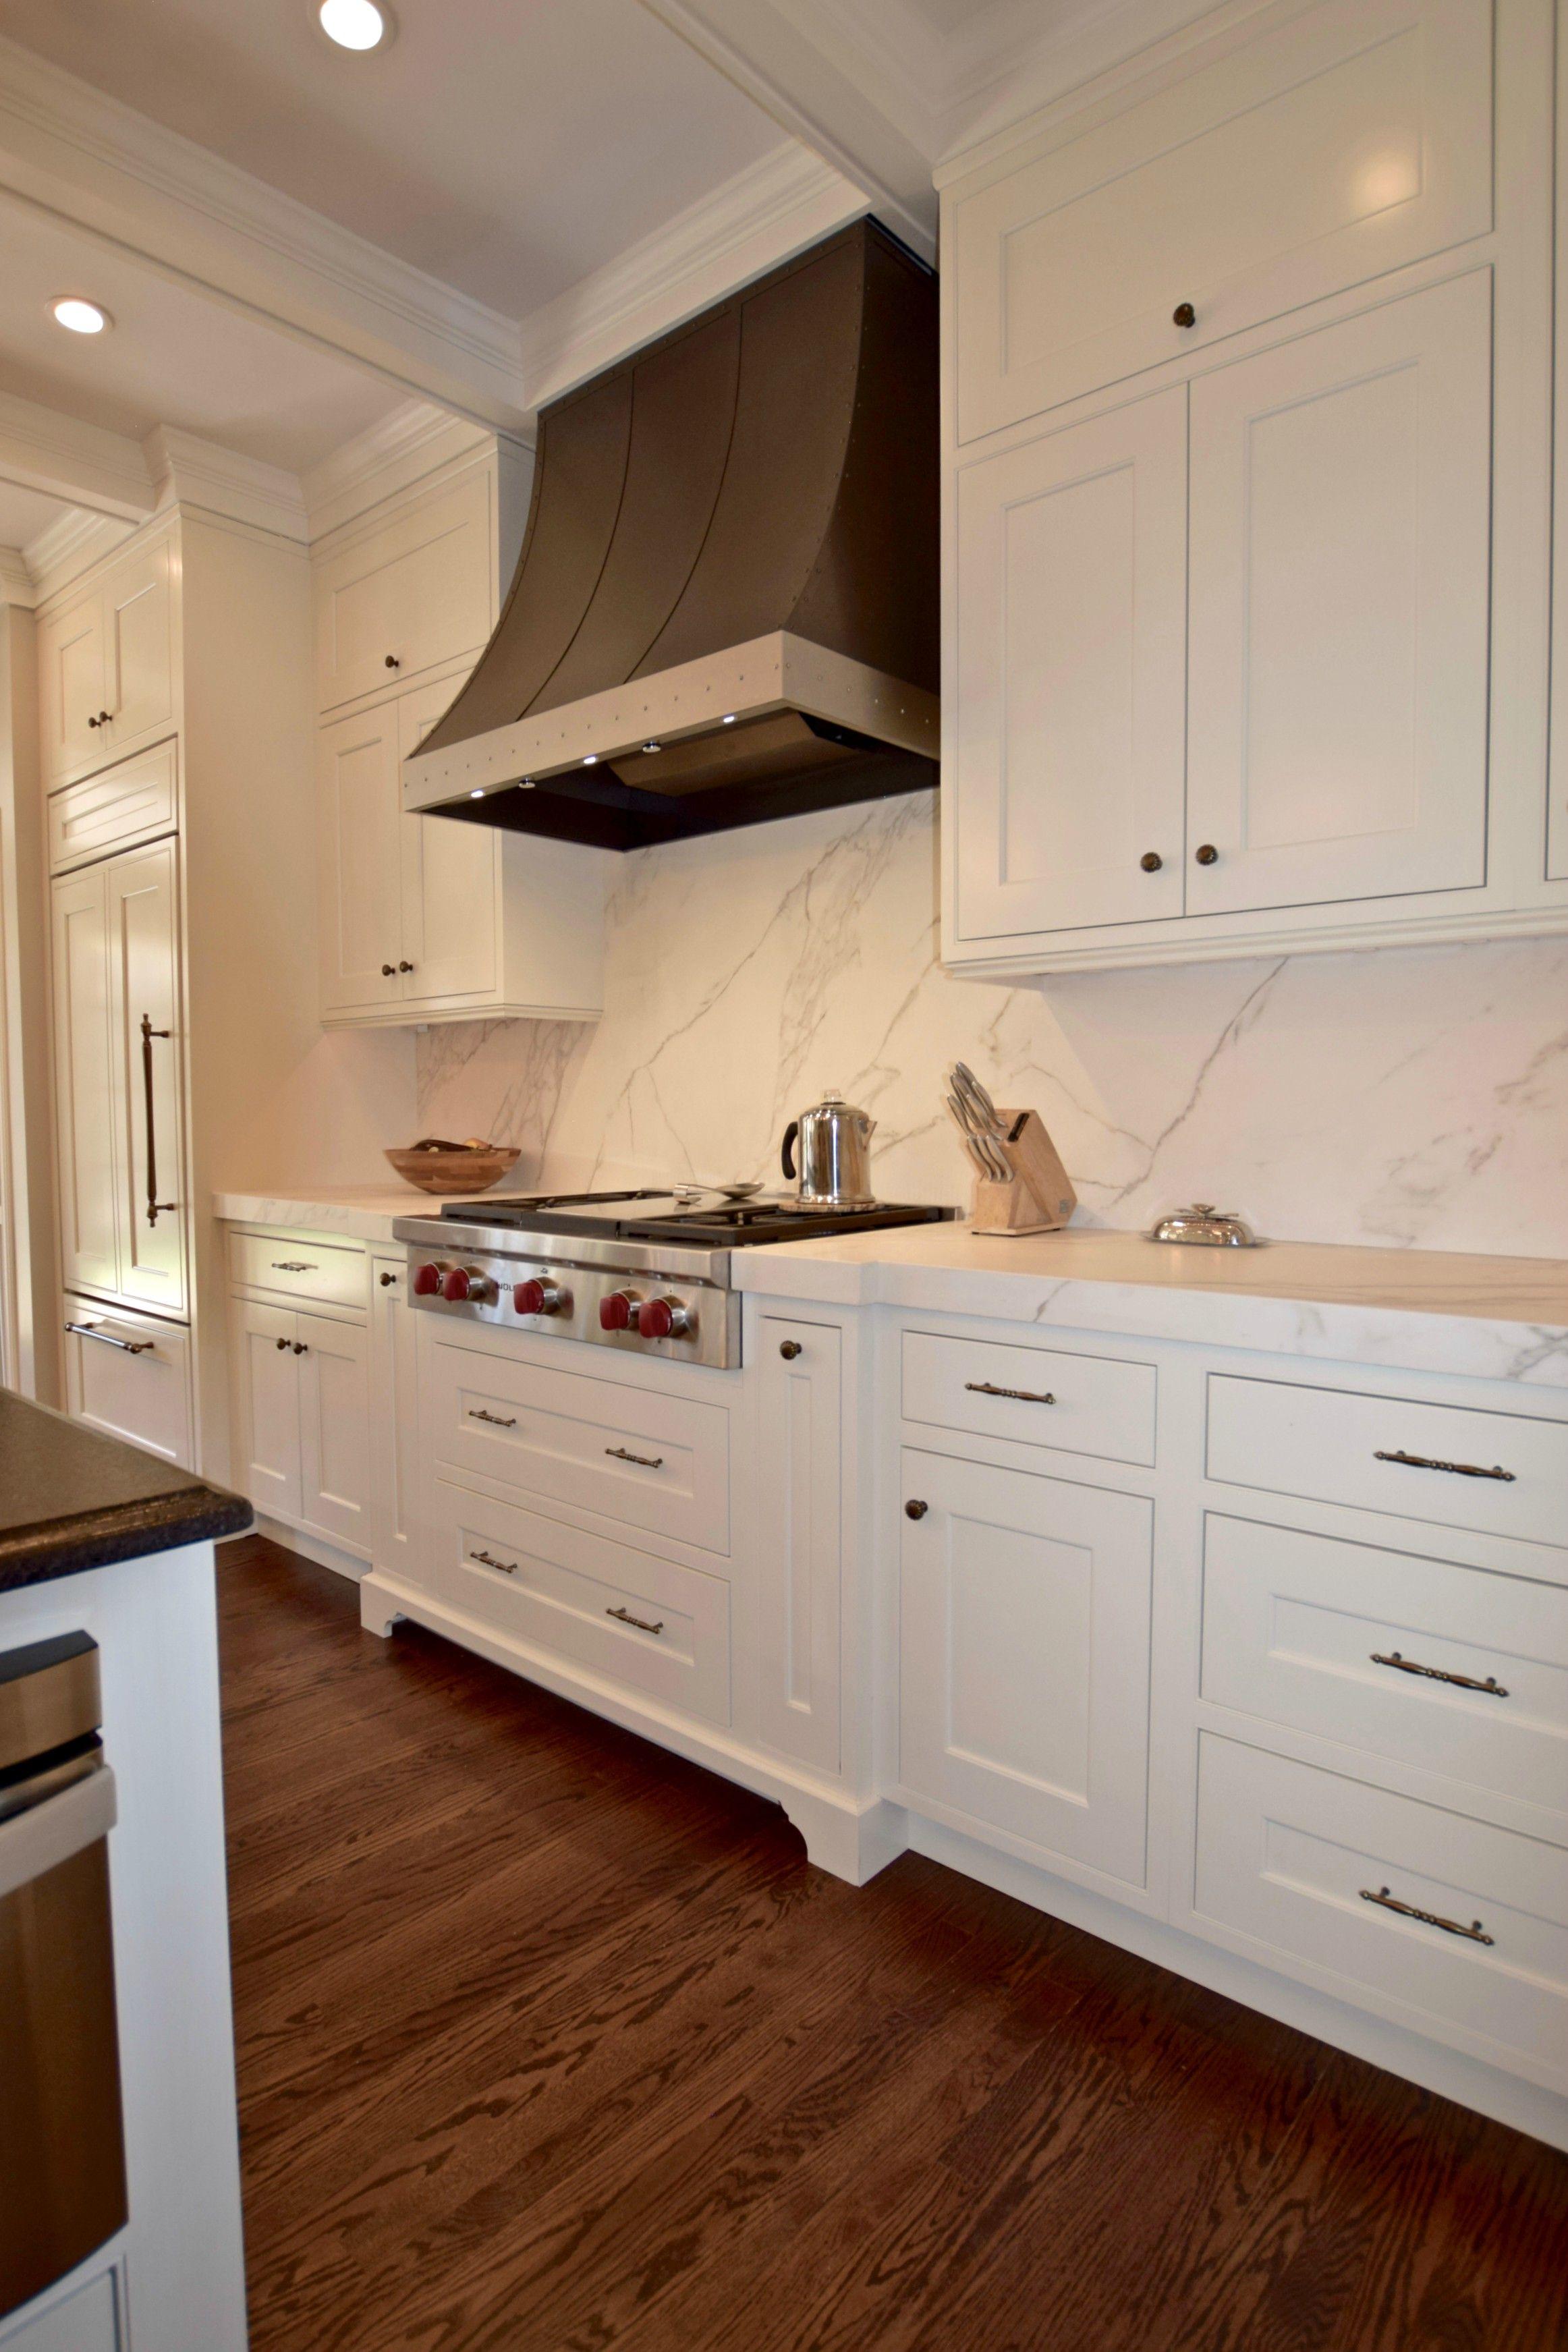 Bkc Kitchen & Bath - Kitchen Remodel Portfolio